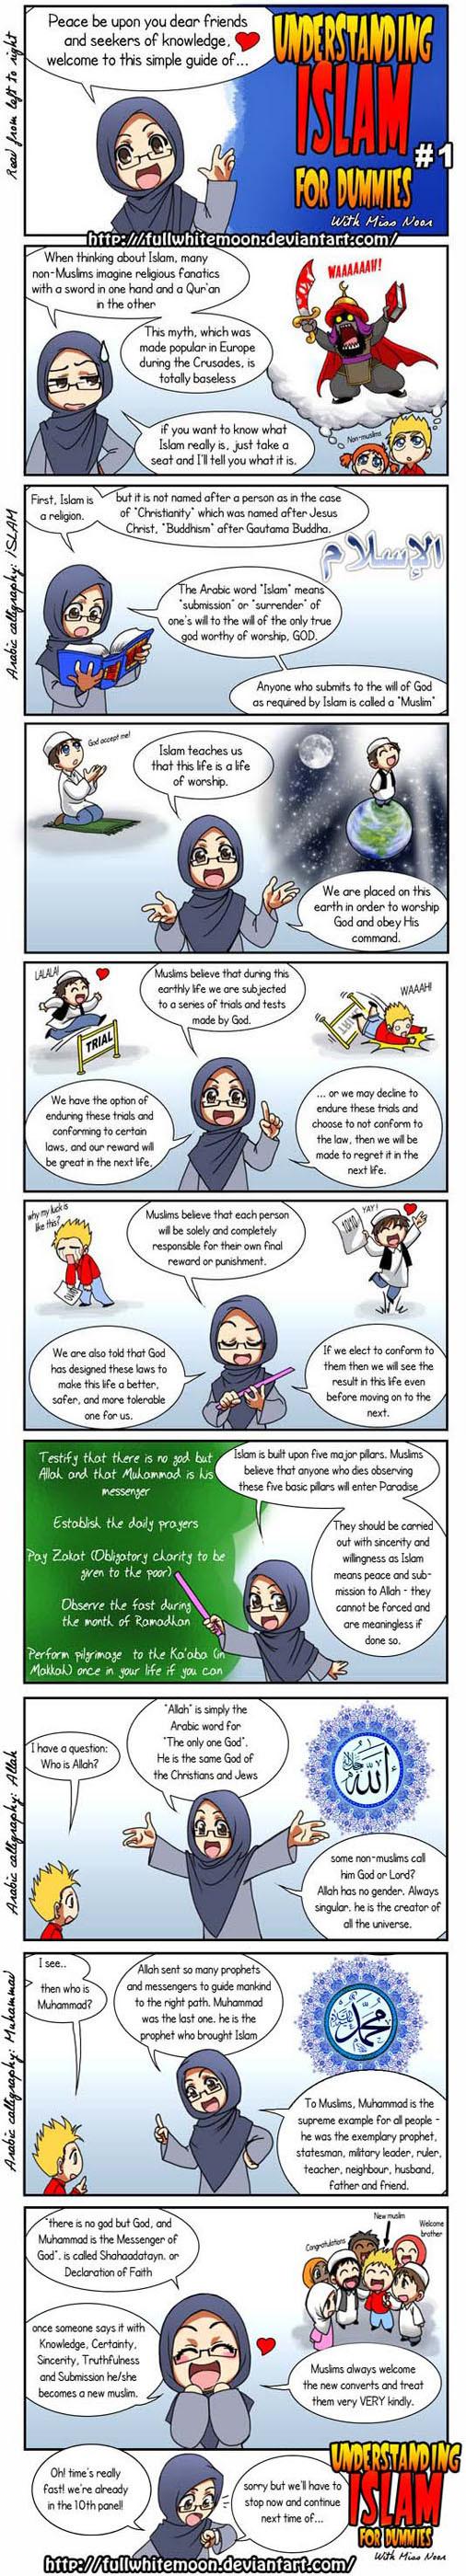 HI (!) Awaklah Yang Tengah Baca Blog Ni !. Jom Kenali Islam Melalui Komik di Bawah ini. ENJOY ^^